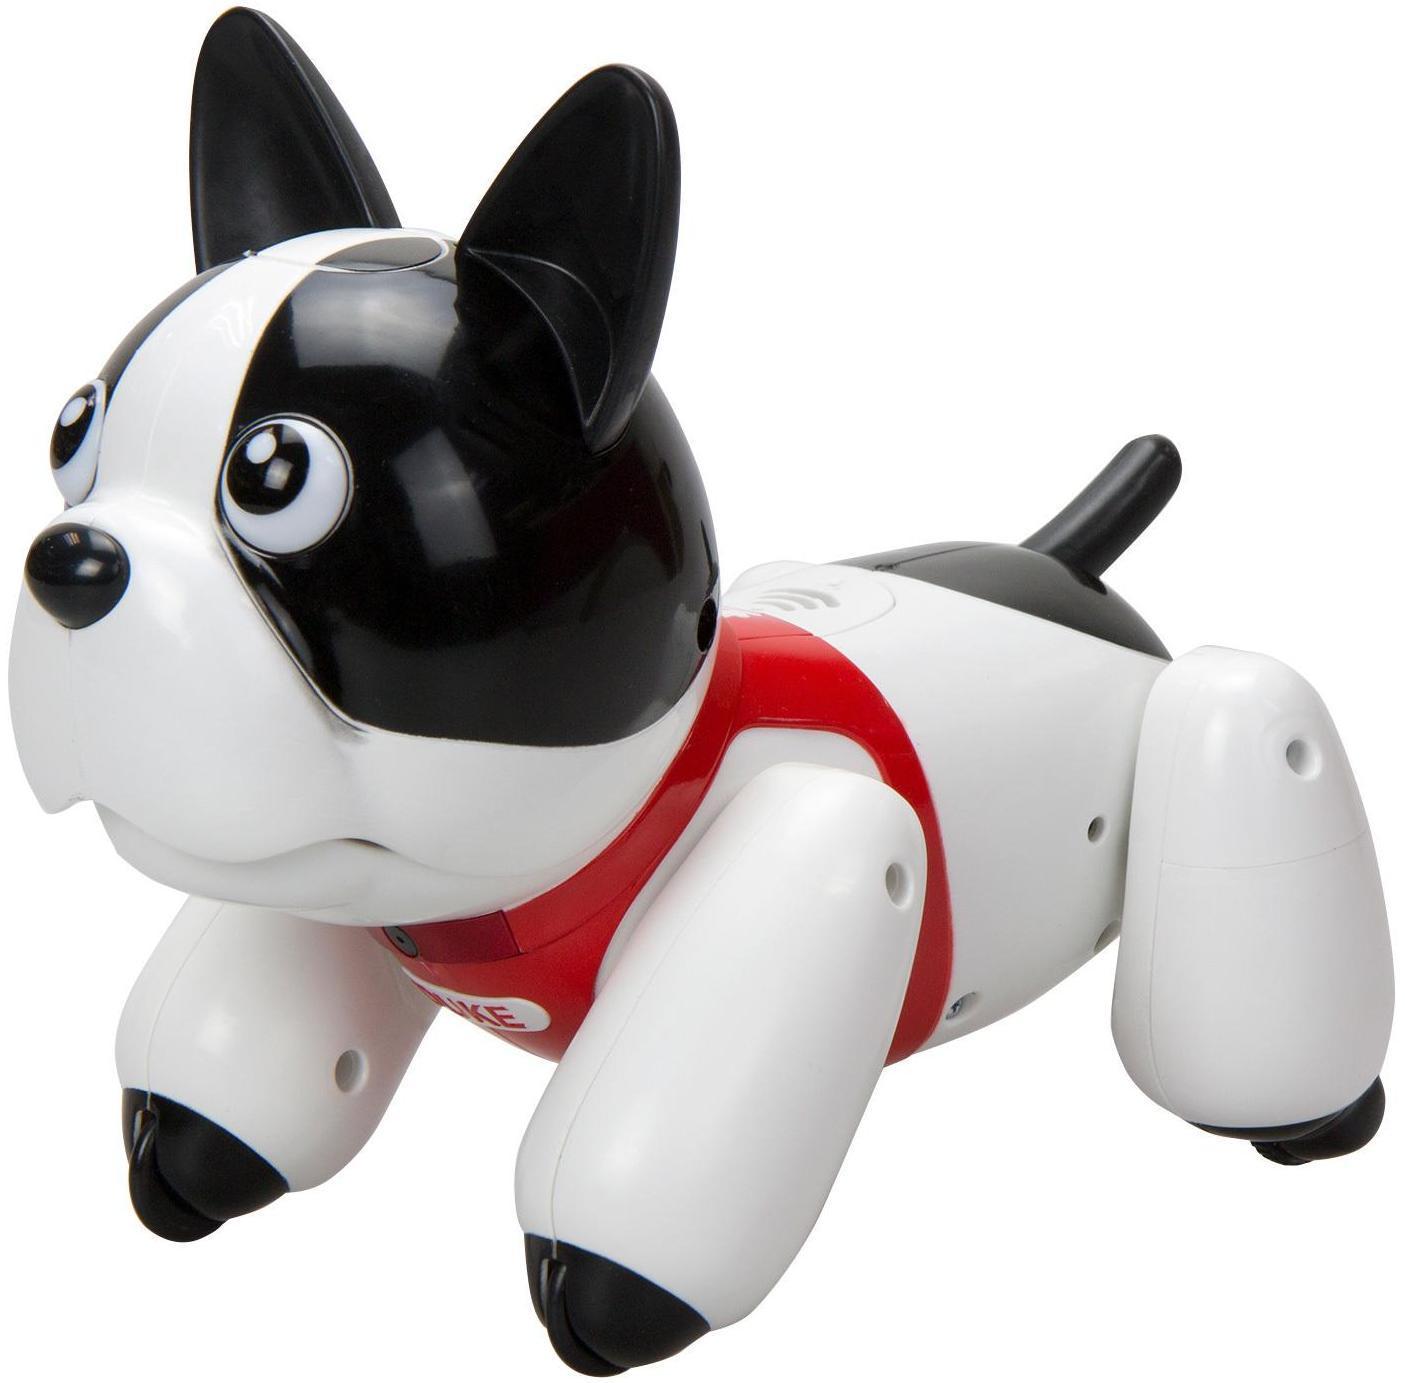 Купить Silverlit Собака Дюк - радиоуправляемый робот, Китай